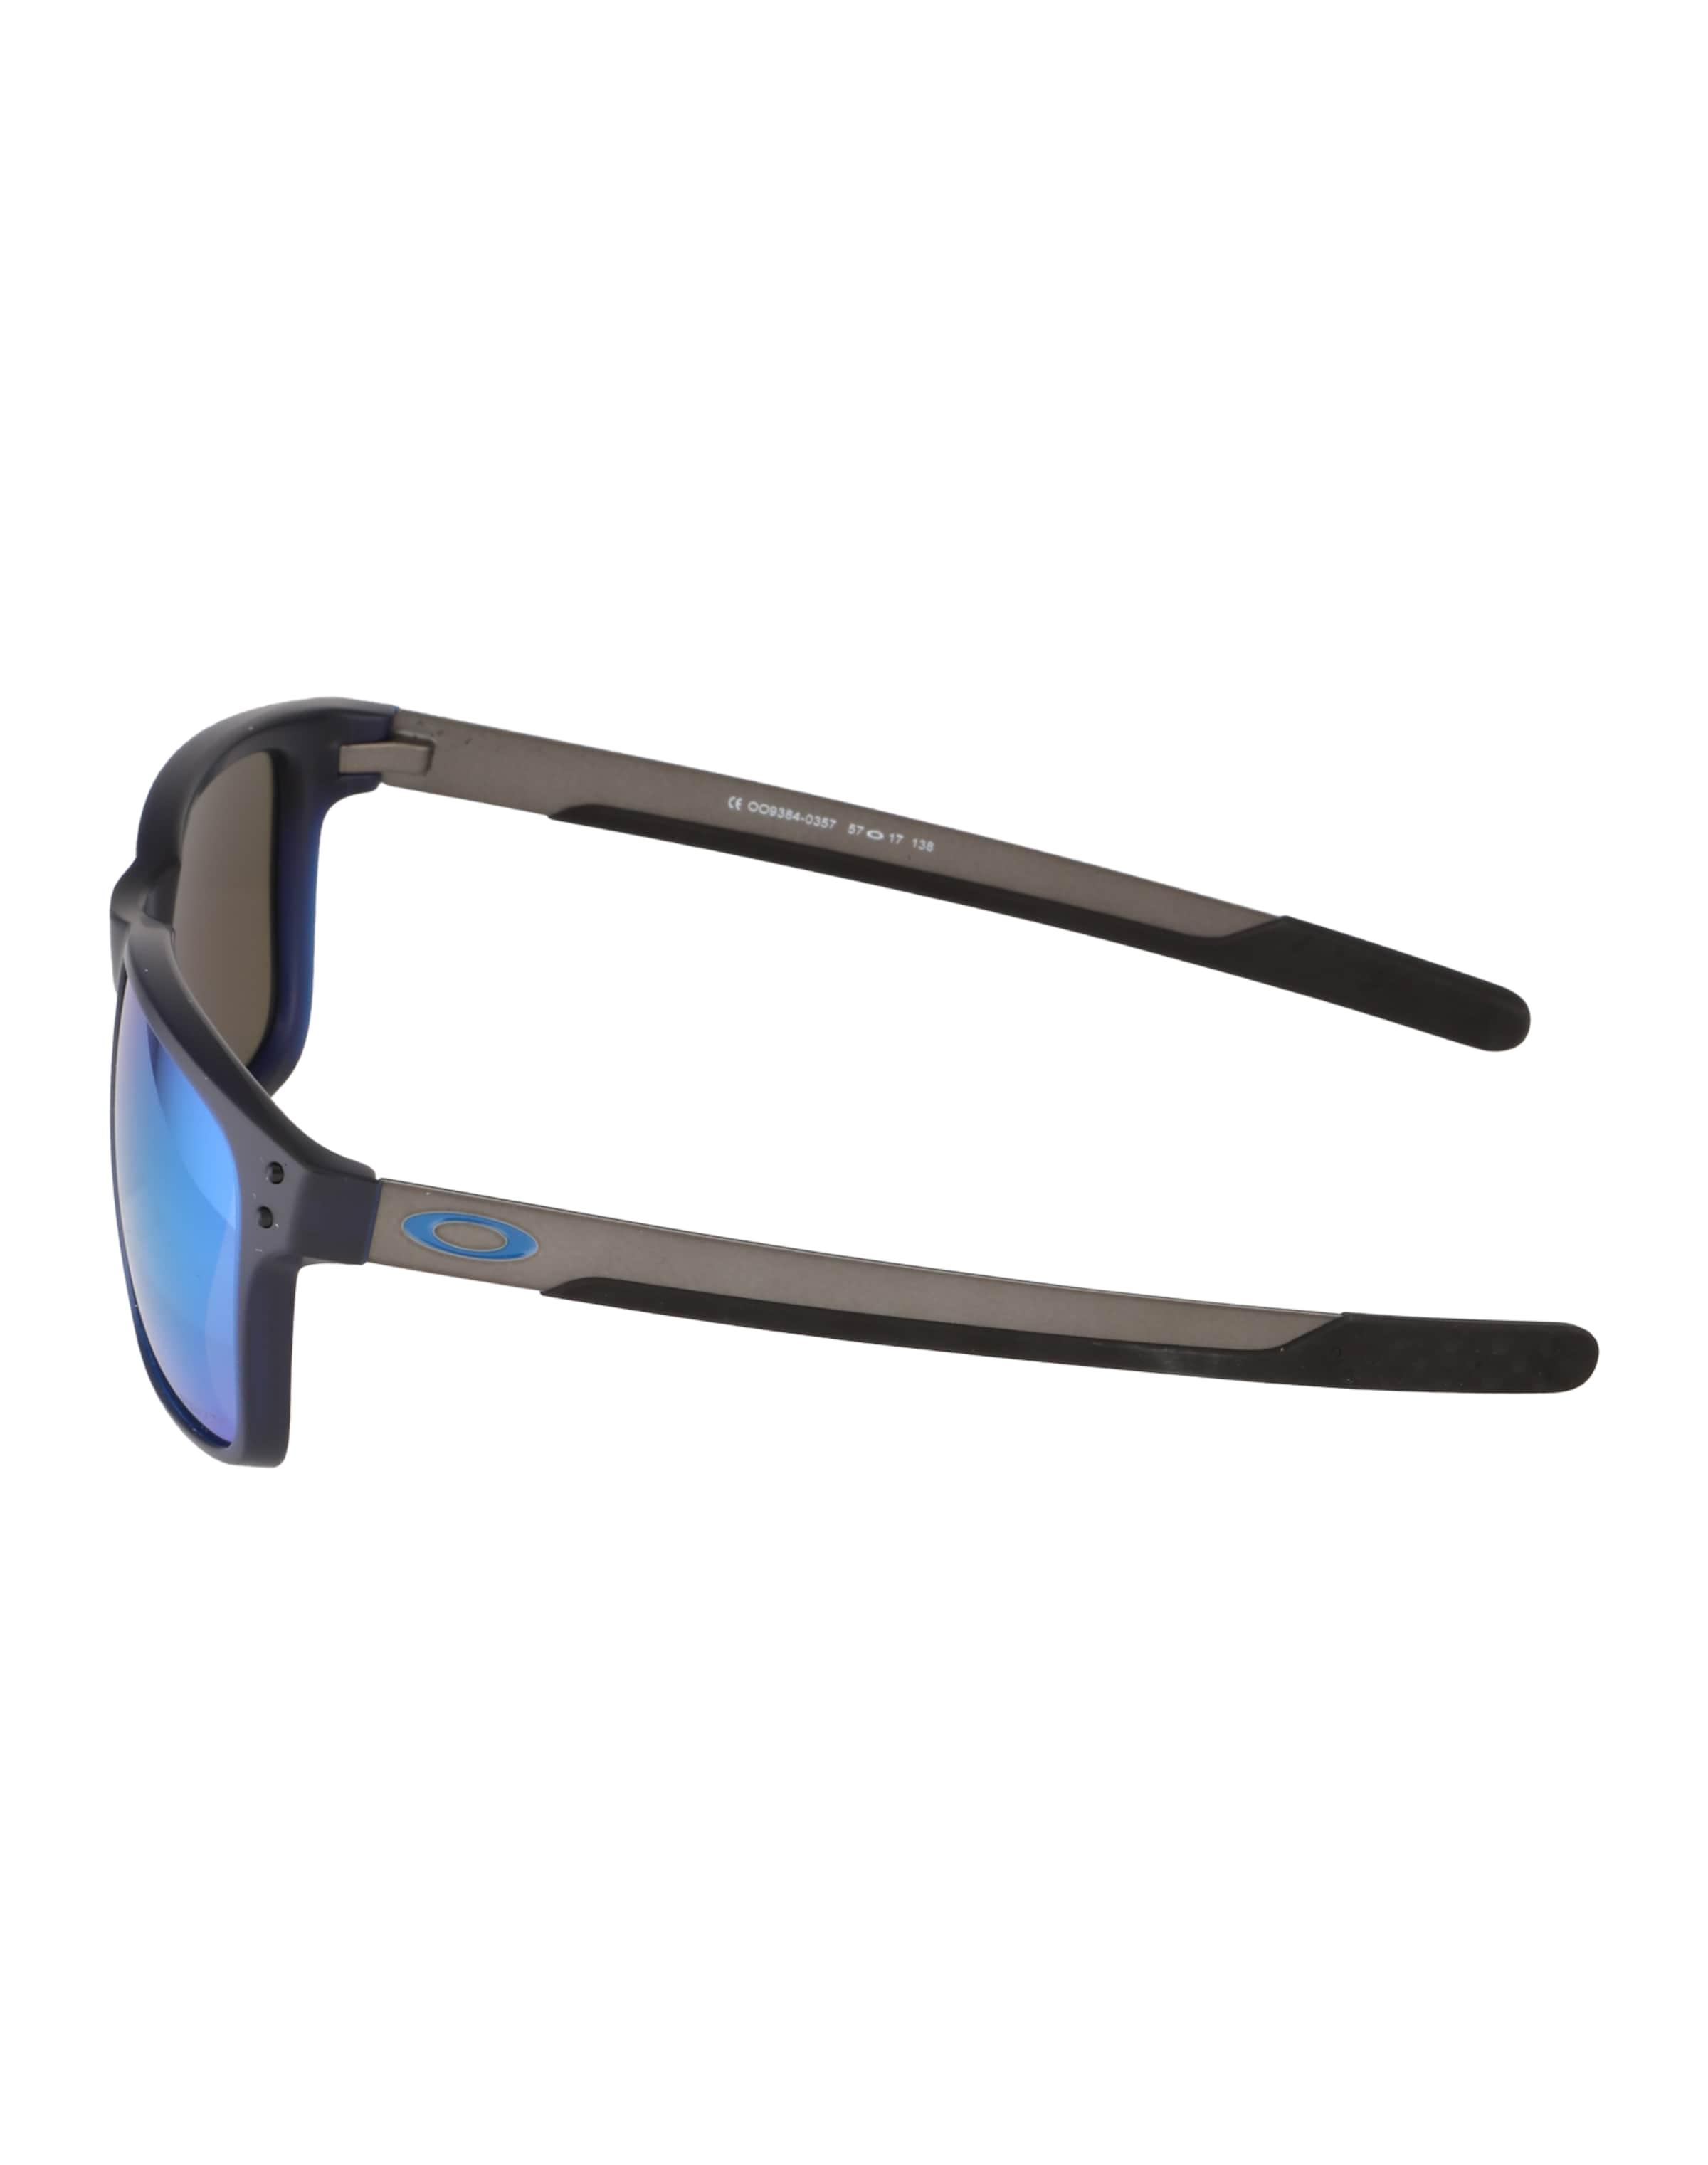 OAKLEY Sonnenbrille mit Nietendekor Hochwertige Billig TLu96skQm